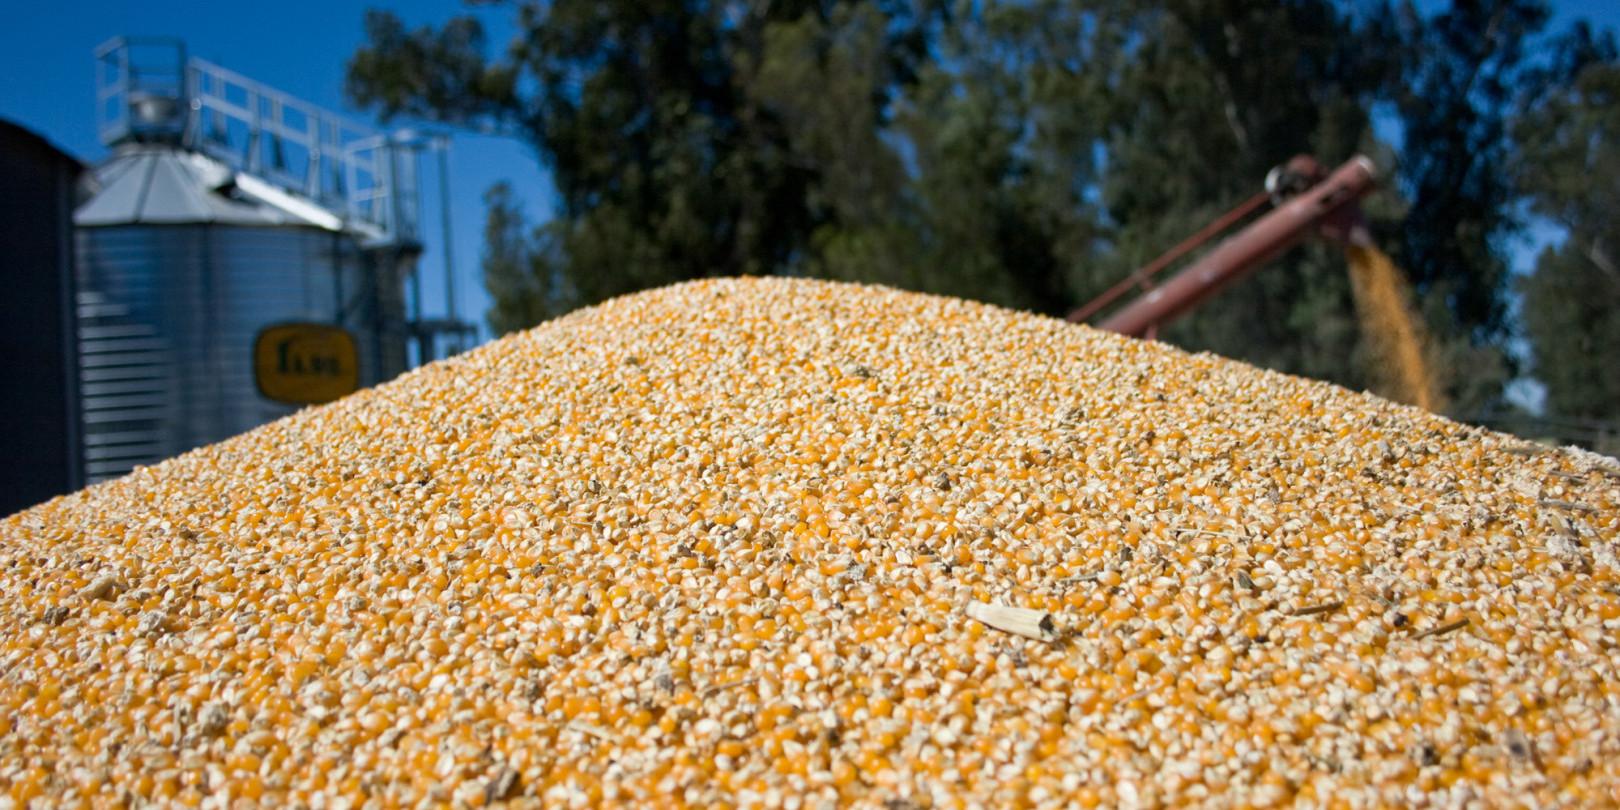 Argentina consigue un nuevo record histórico de exportación de maíz y consolida su proceso de transformación local